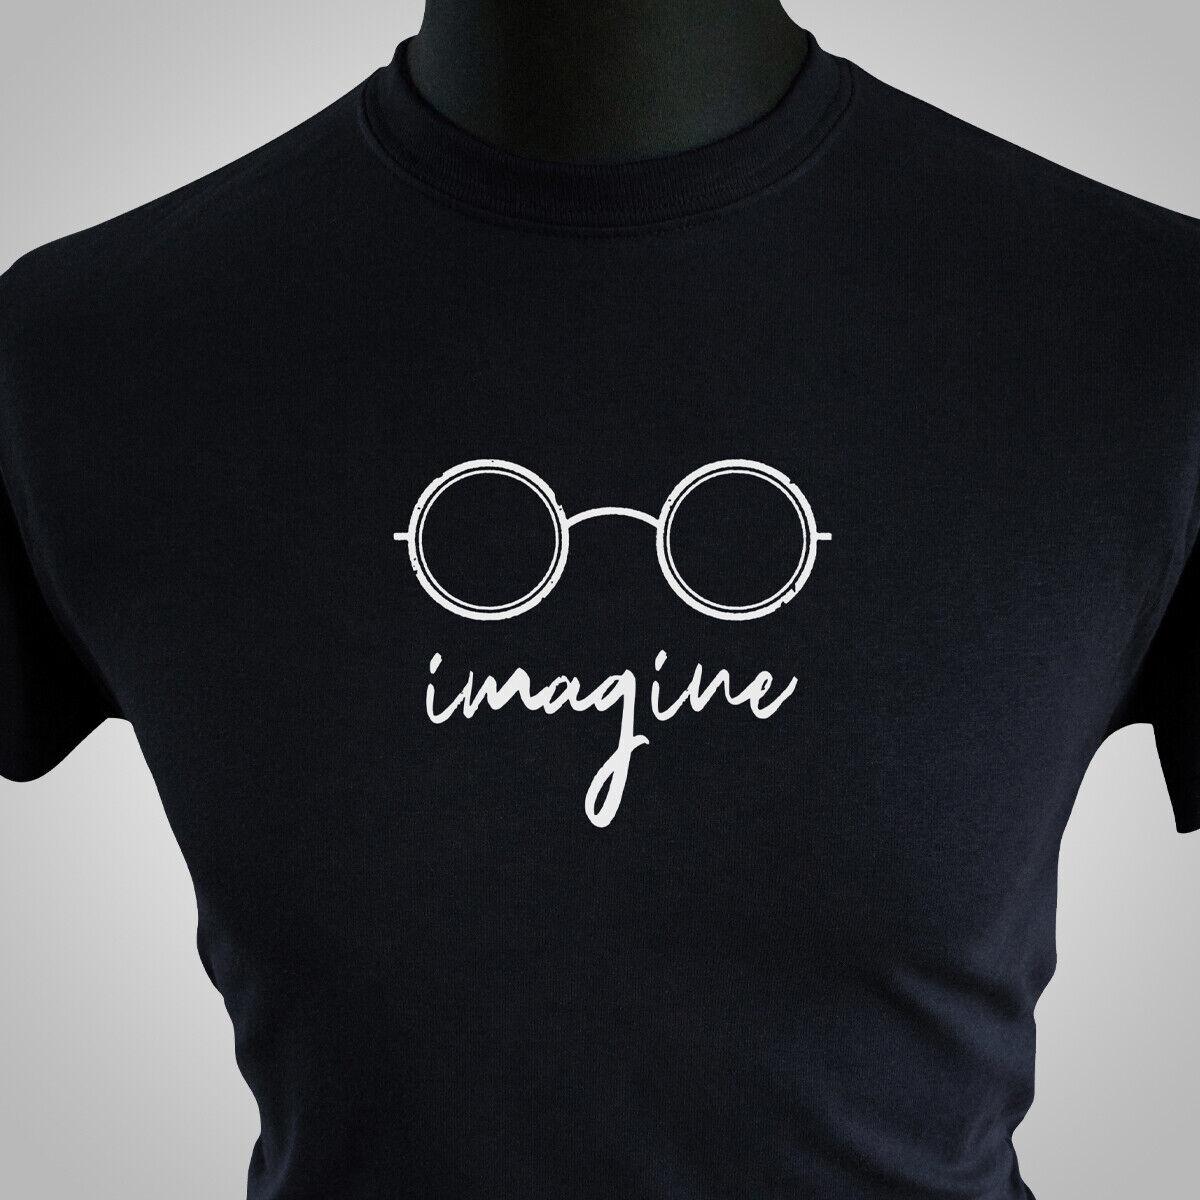 John lennon imagine black high quality T shirt brand new style